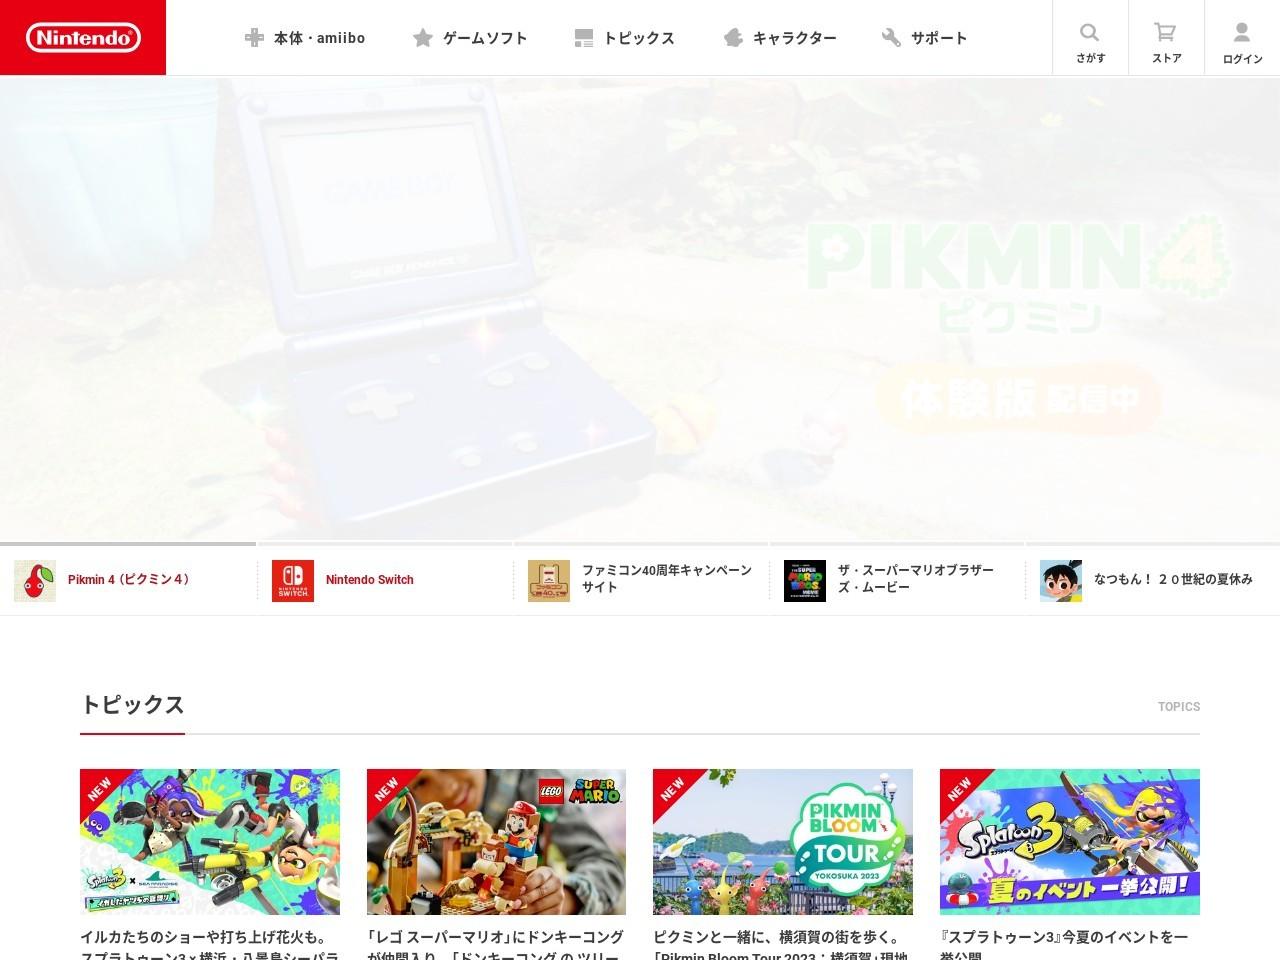 http://www.nintendo.co.jp/wii/r4ej/